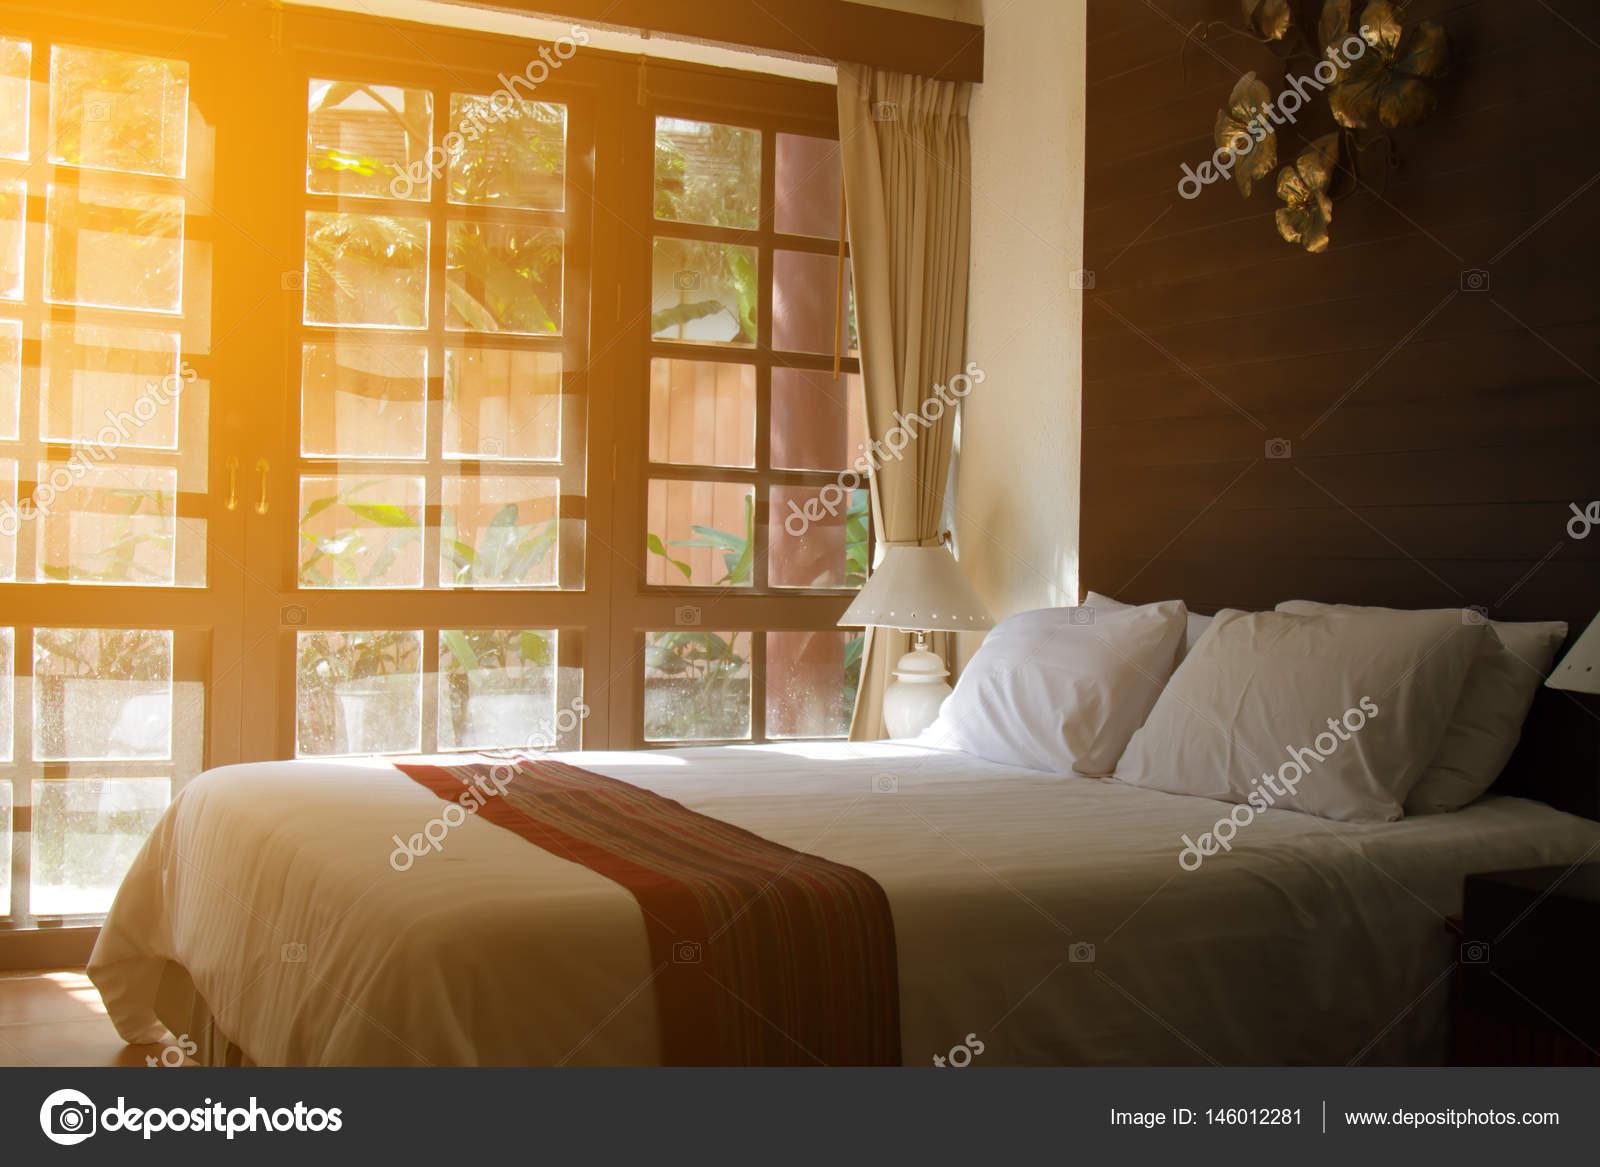 design chambre à coucher de luxe — Photographie suksao © #146012281